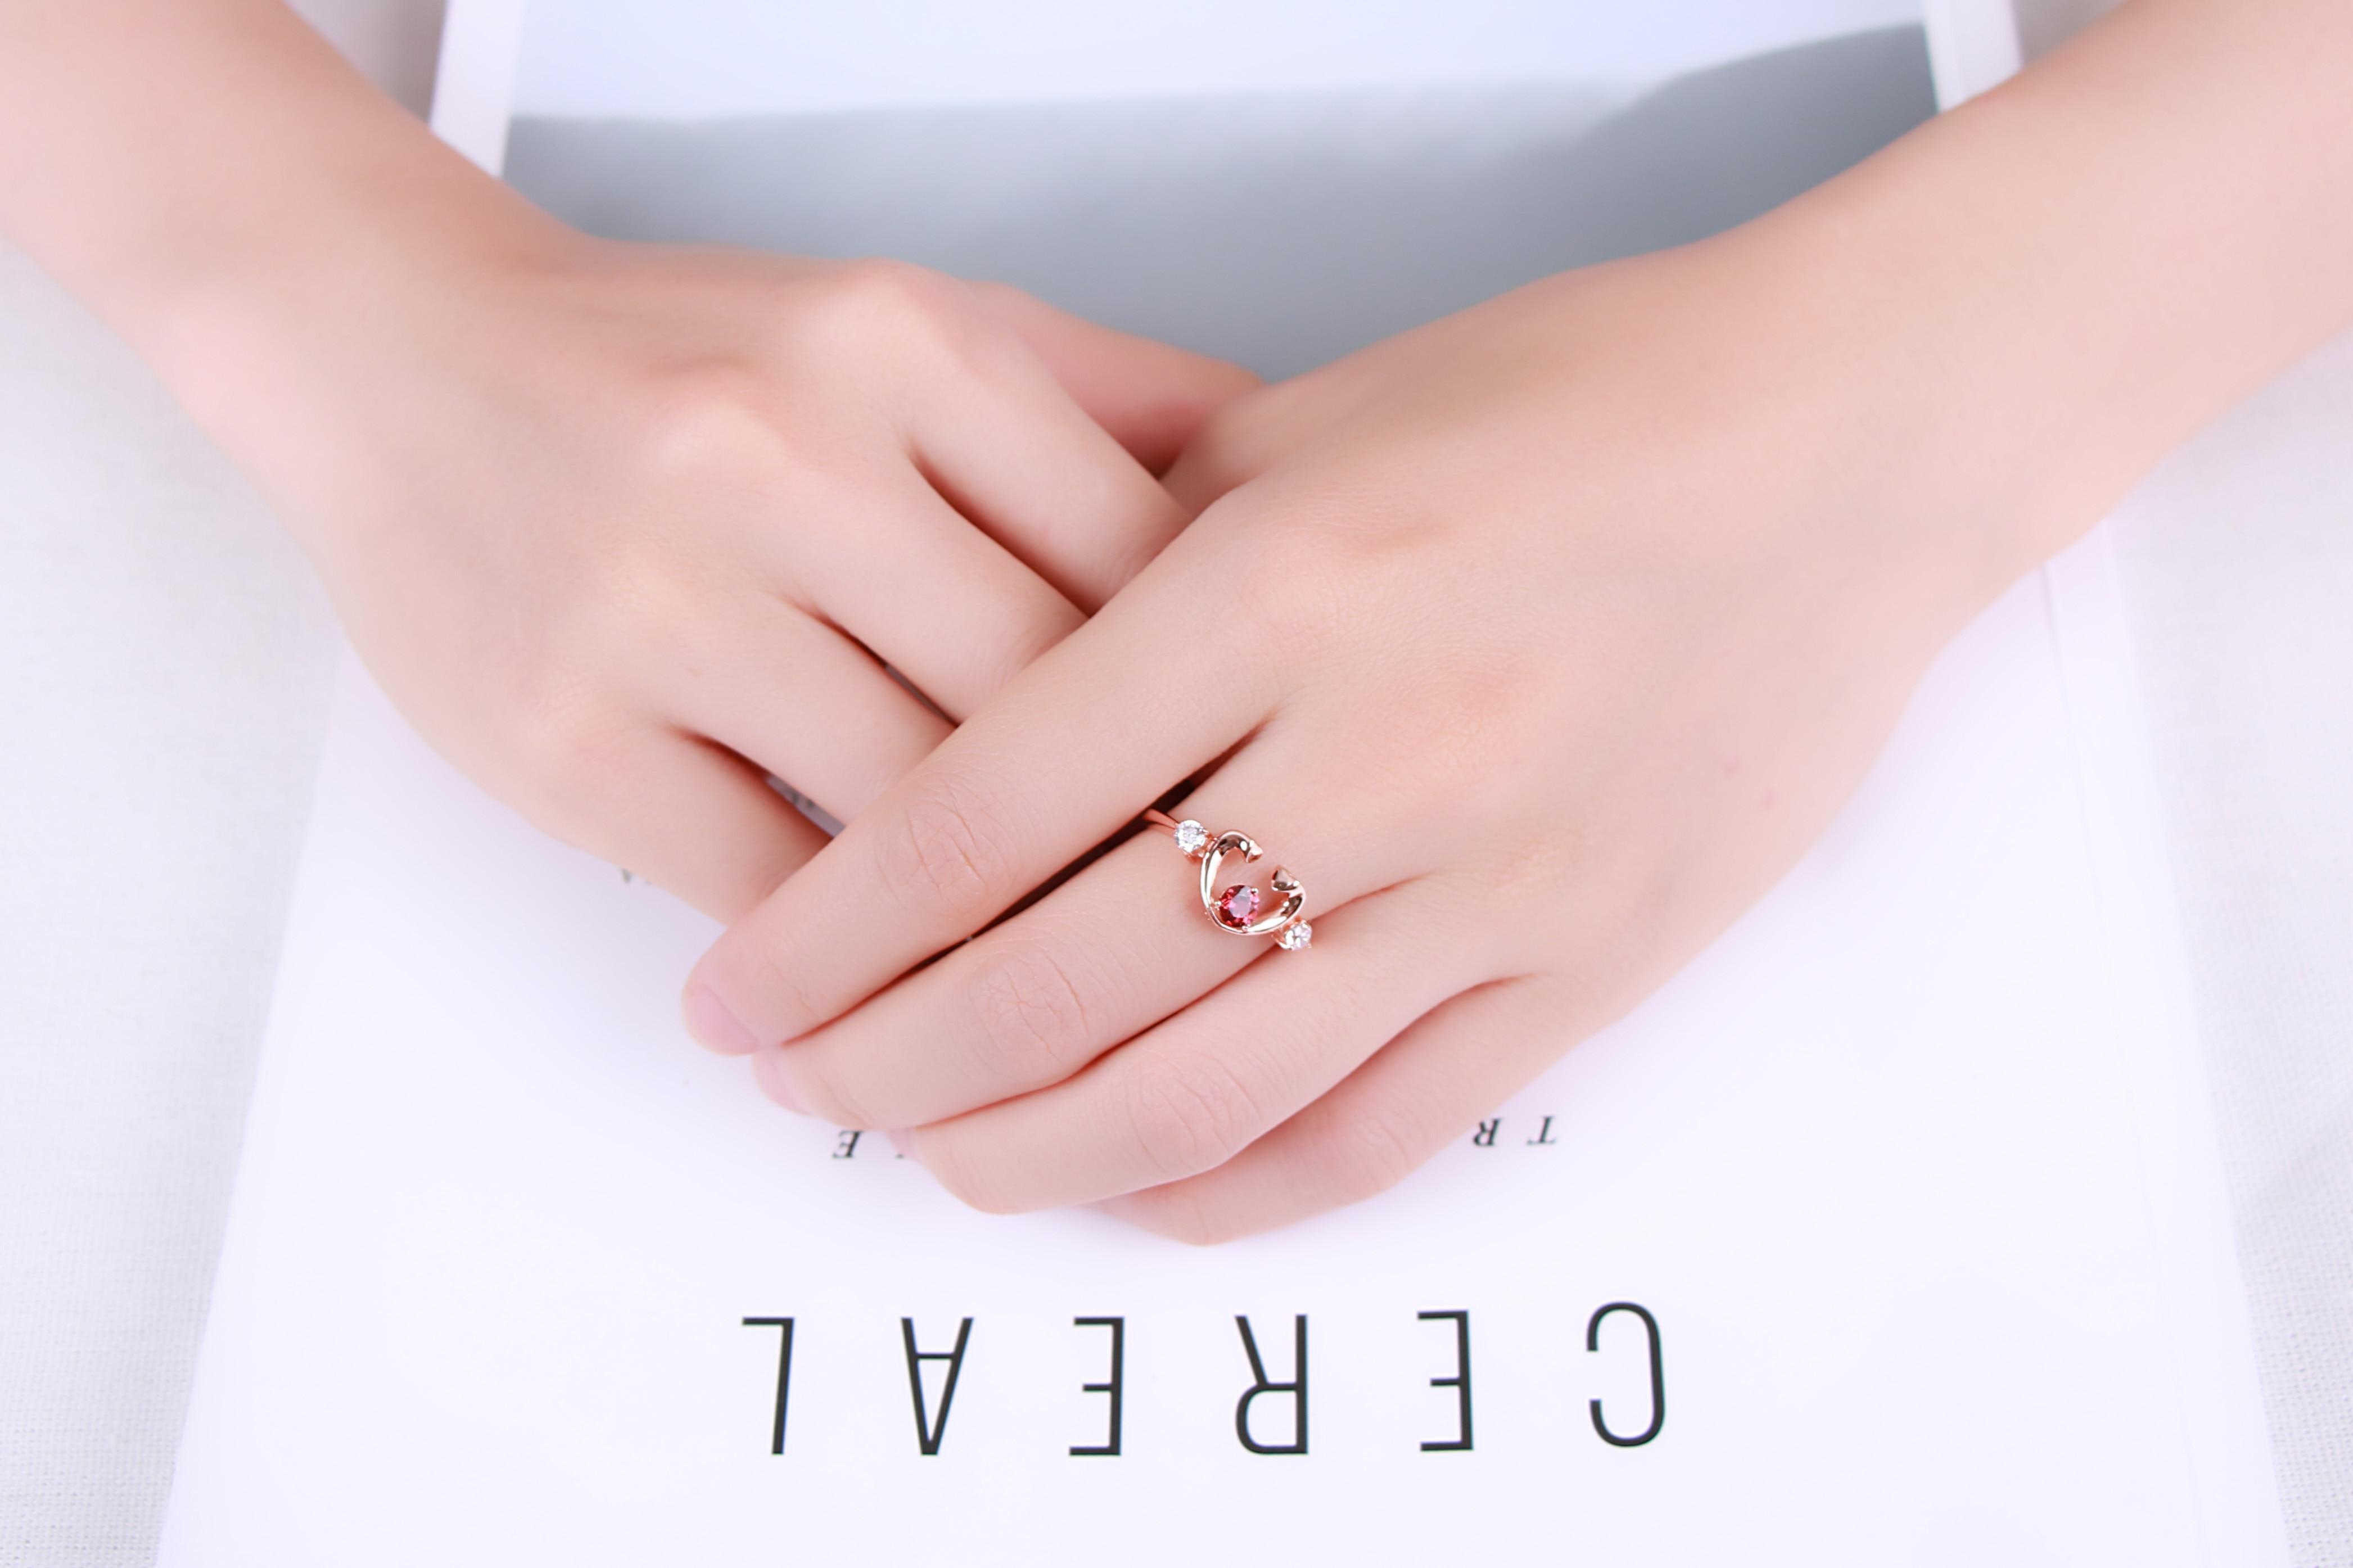 MoBuy MBRI033 Unique Love Heart Gemstone Garnet Ring 925 Sterling ...